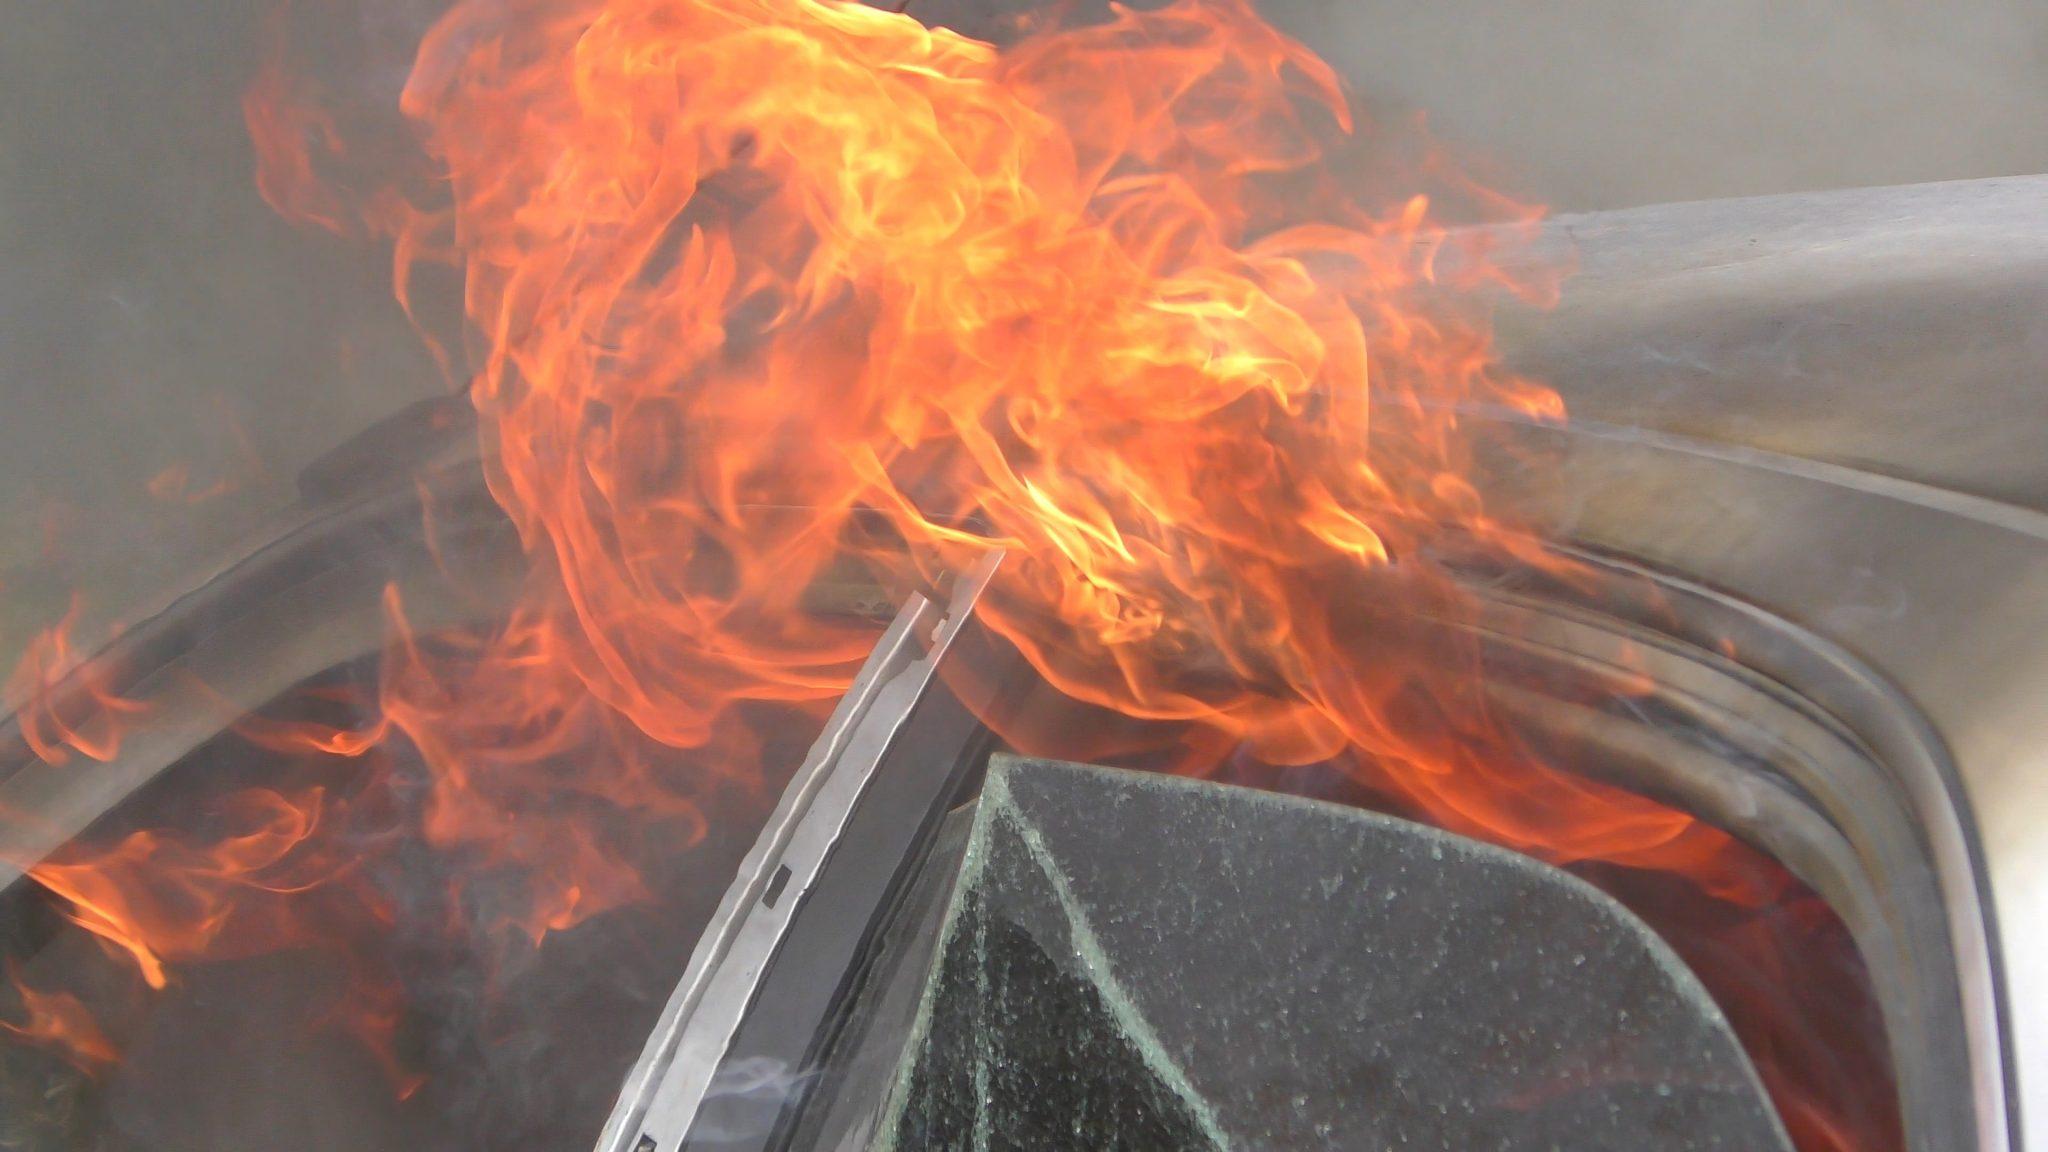 Dobbelt op på uheld - bilist endte i grøften og bil gik i brand